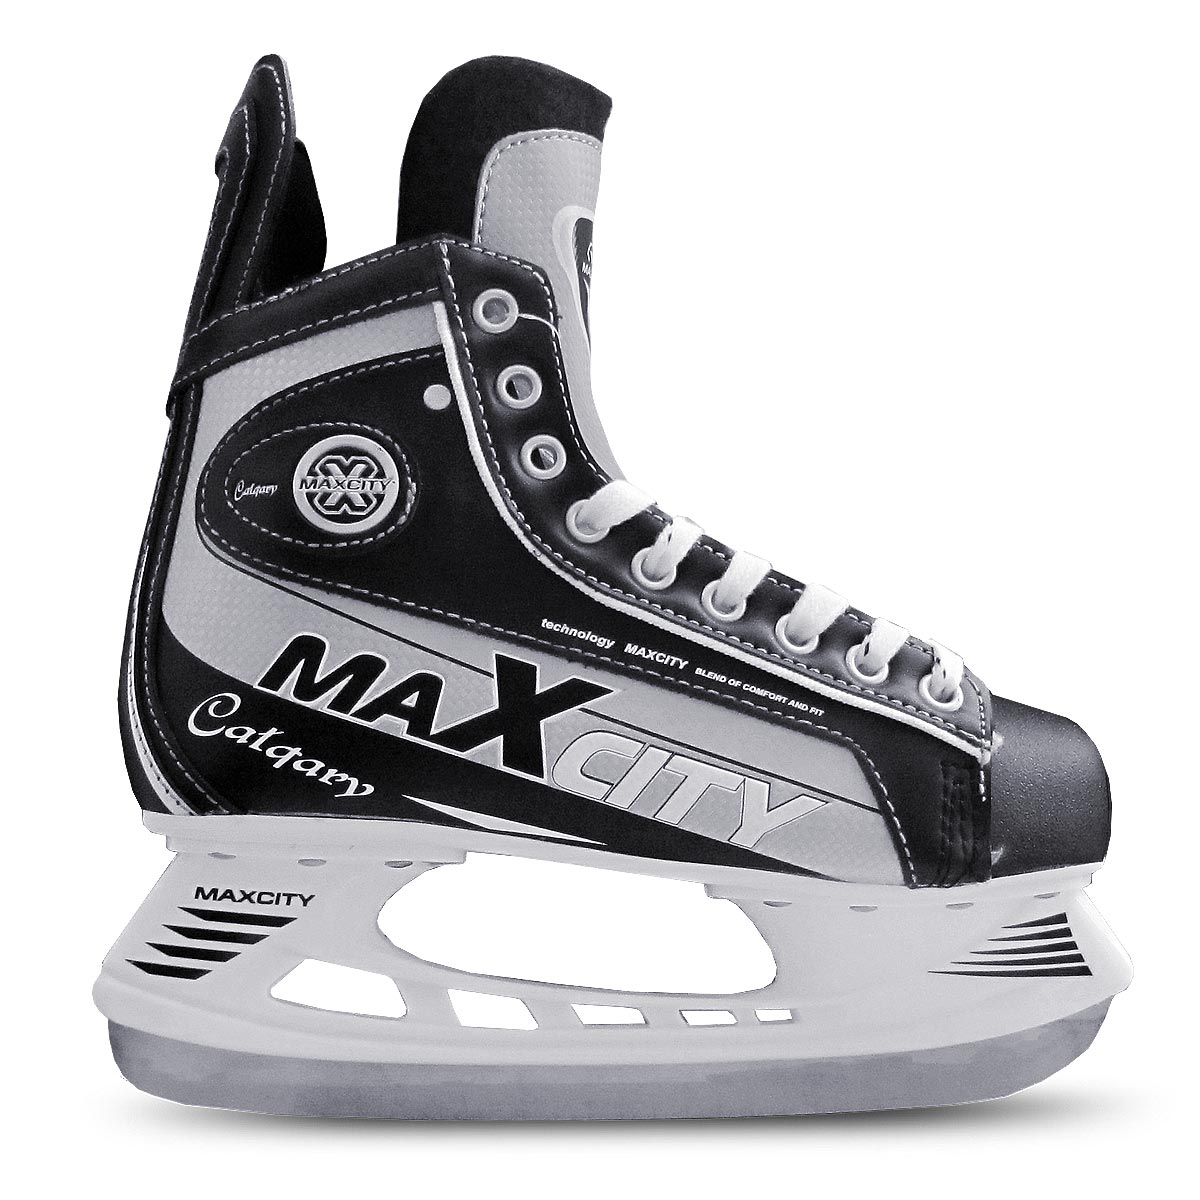 Коньки хоккейные мужские MaxCity Calgary, цвет: черный, серый. Размер 39